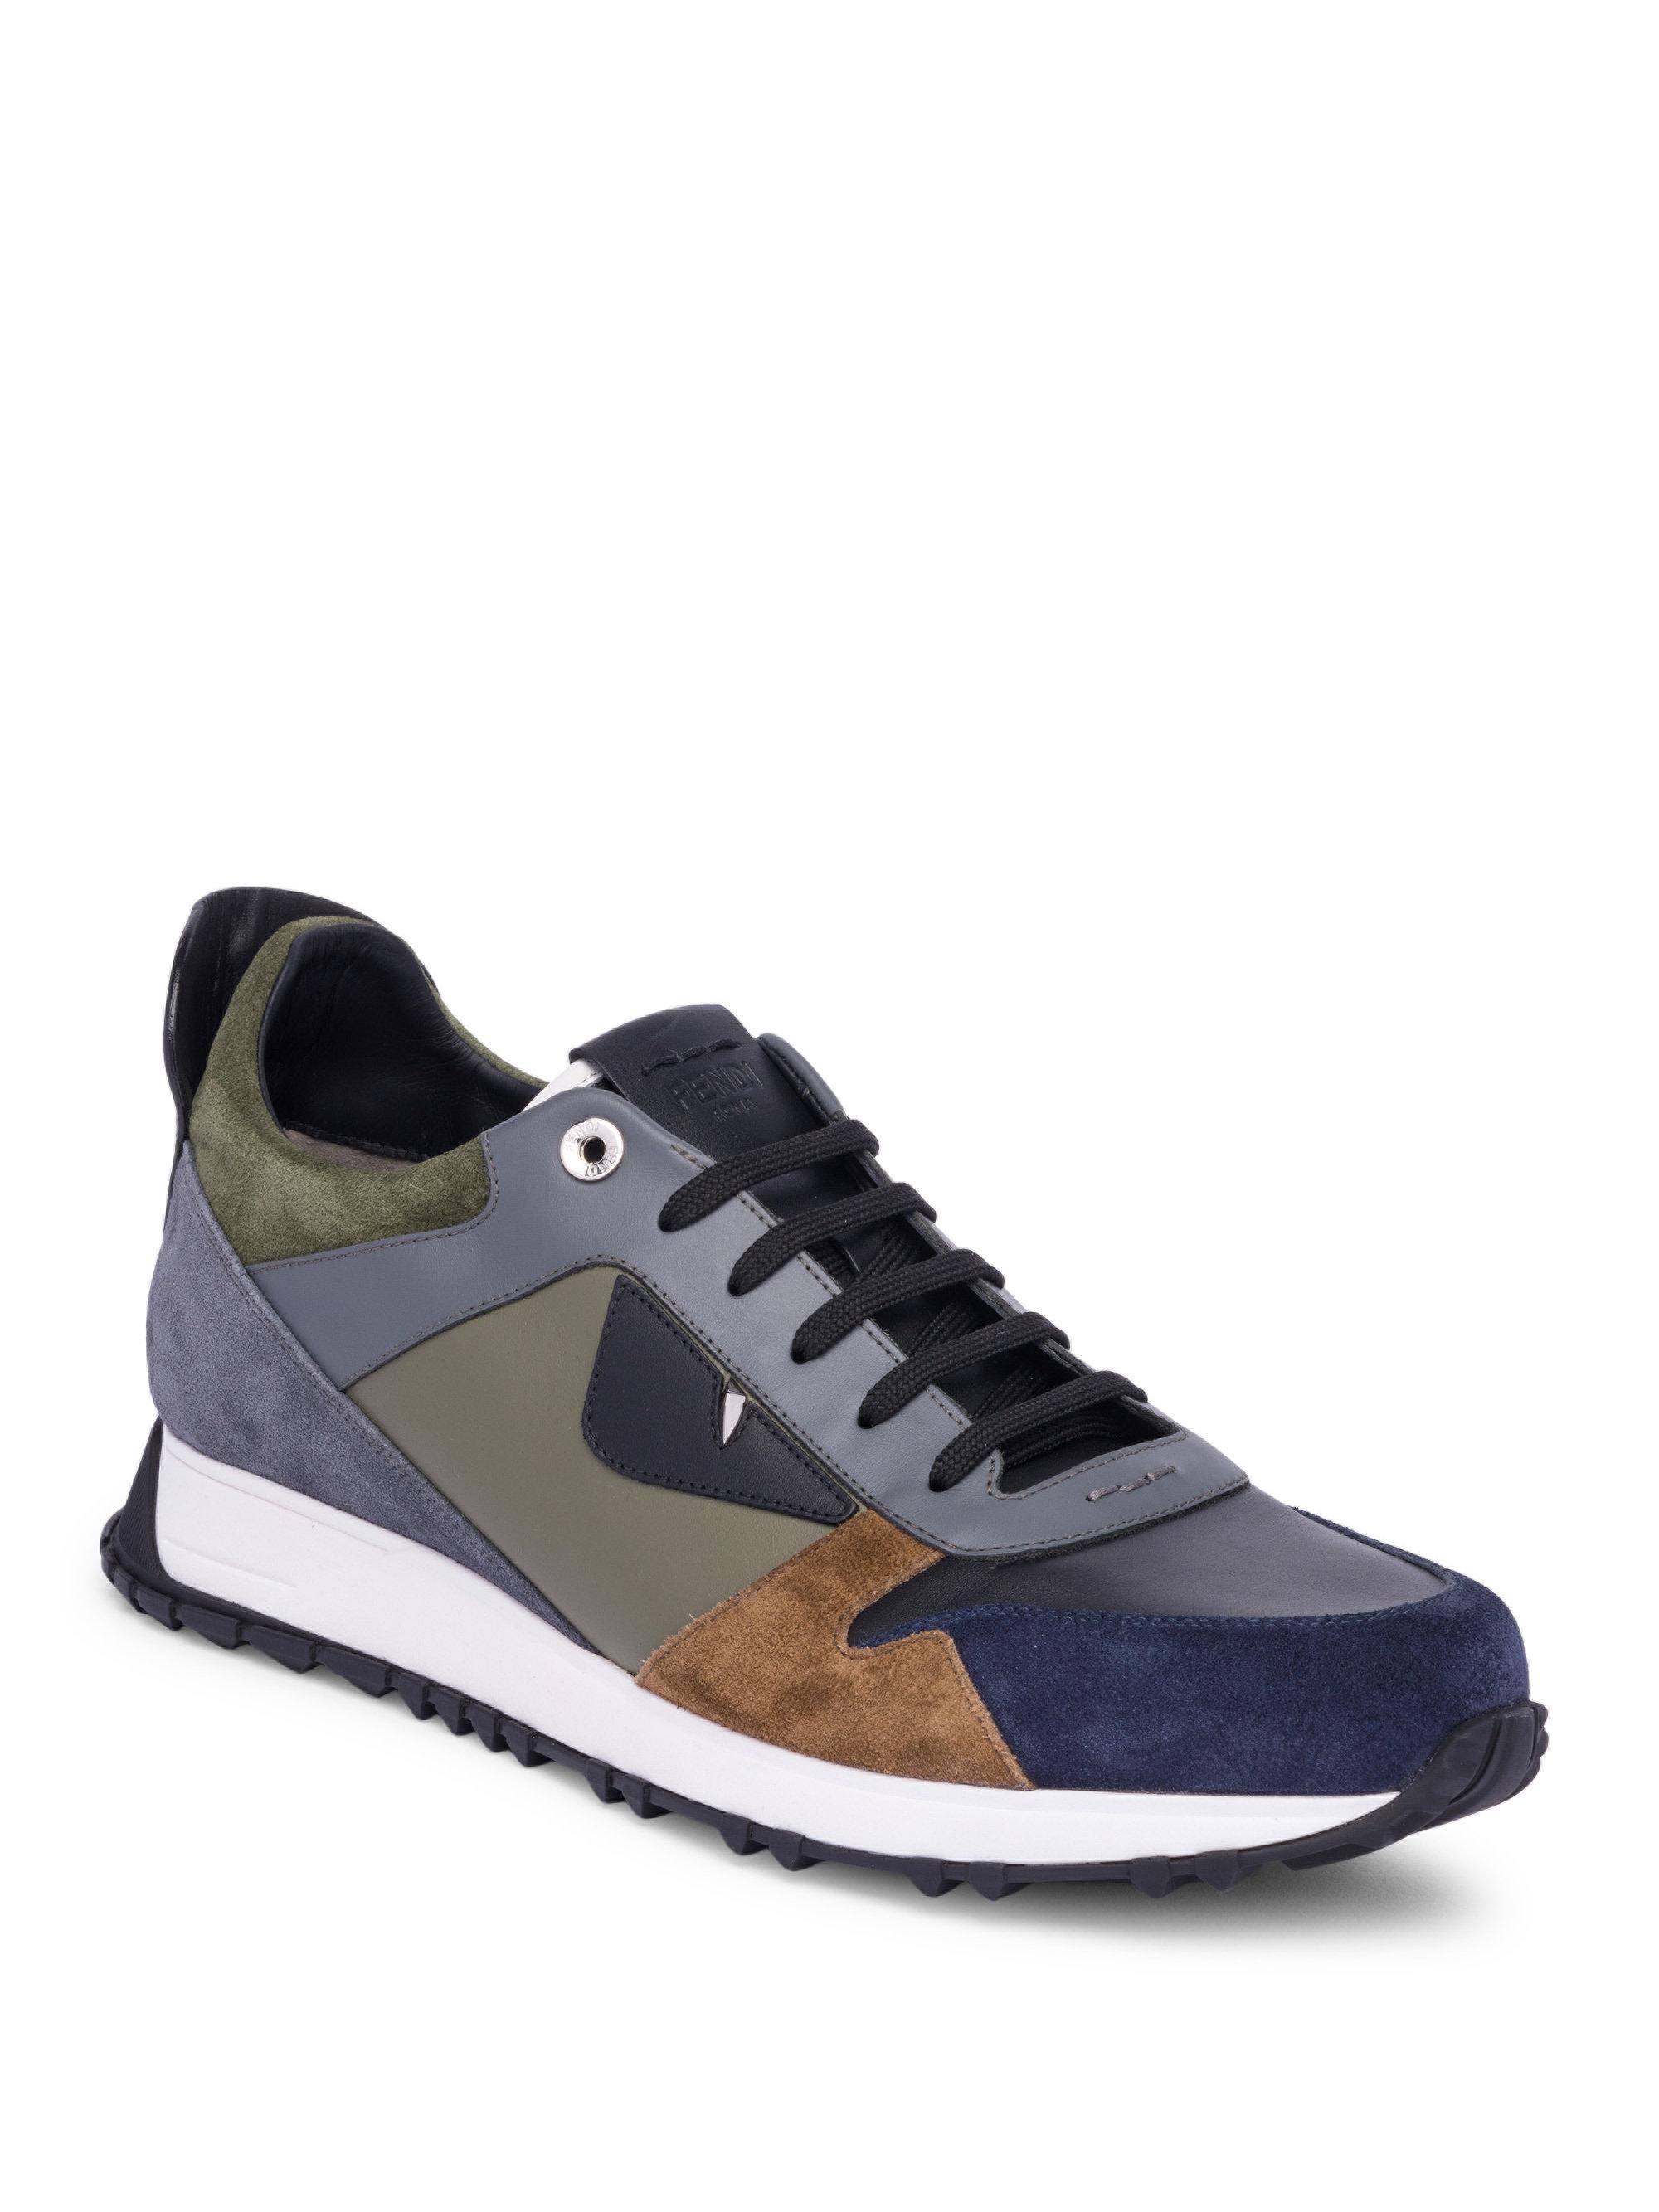 FendiMonster Colorblock Sneakers Qr7zFgN